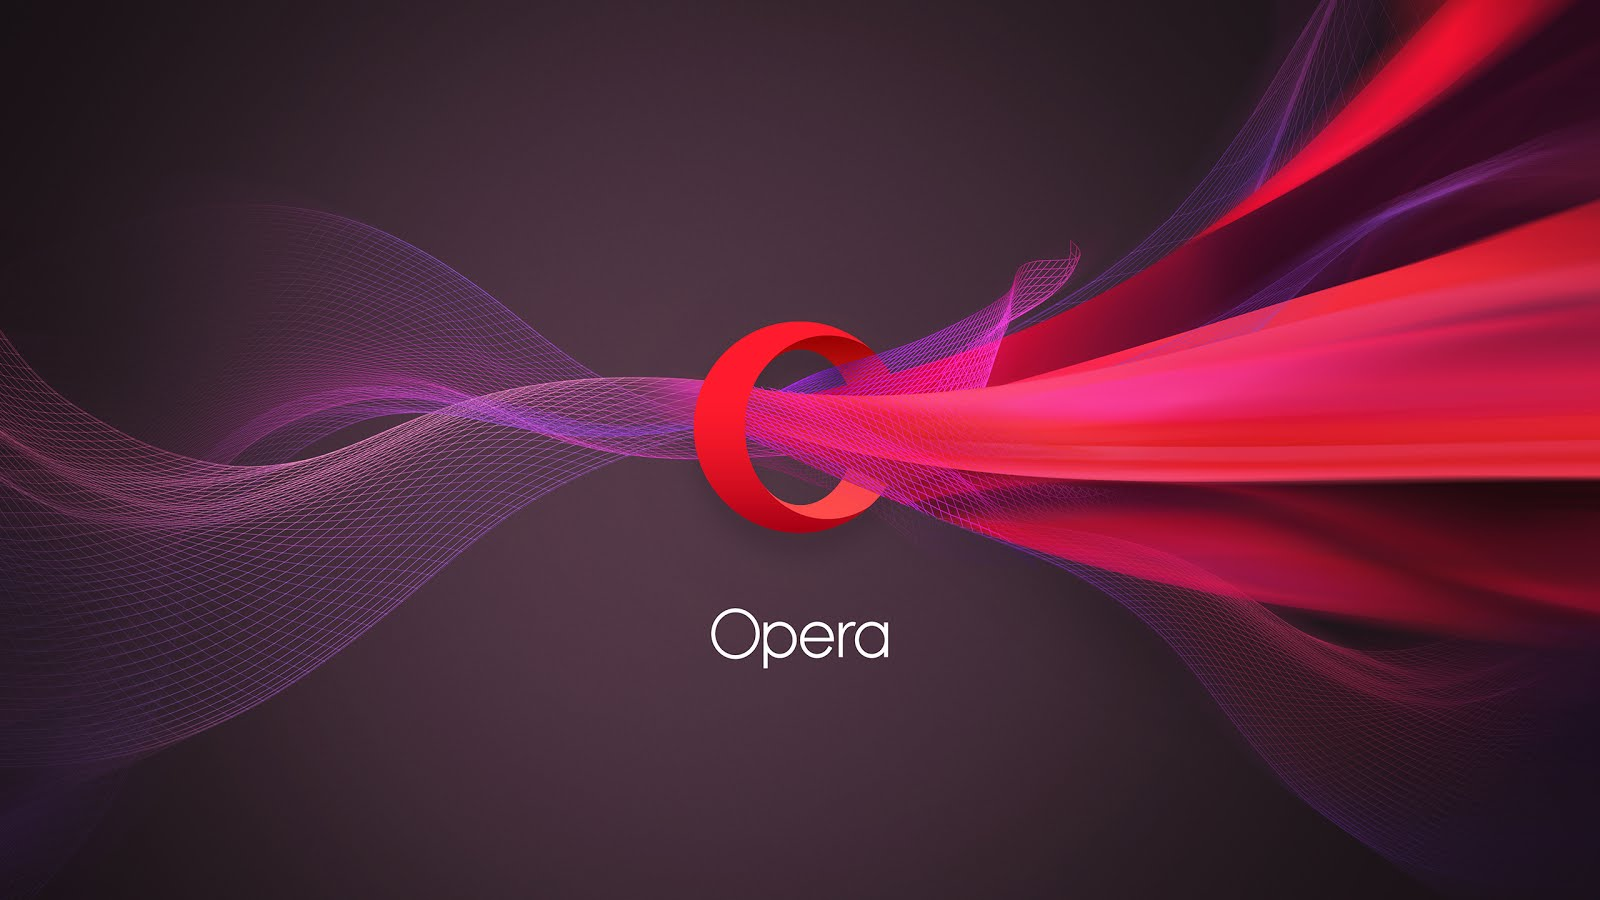 تحميل برنامج اوبرا مينى Opera Mini للاندرويد اصدار 2017 التحديث الاخير تحميل برابط مباشر 7